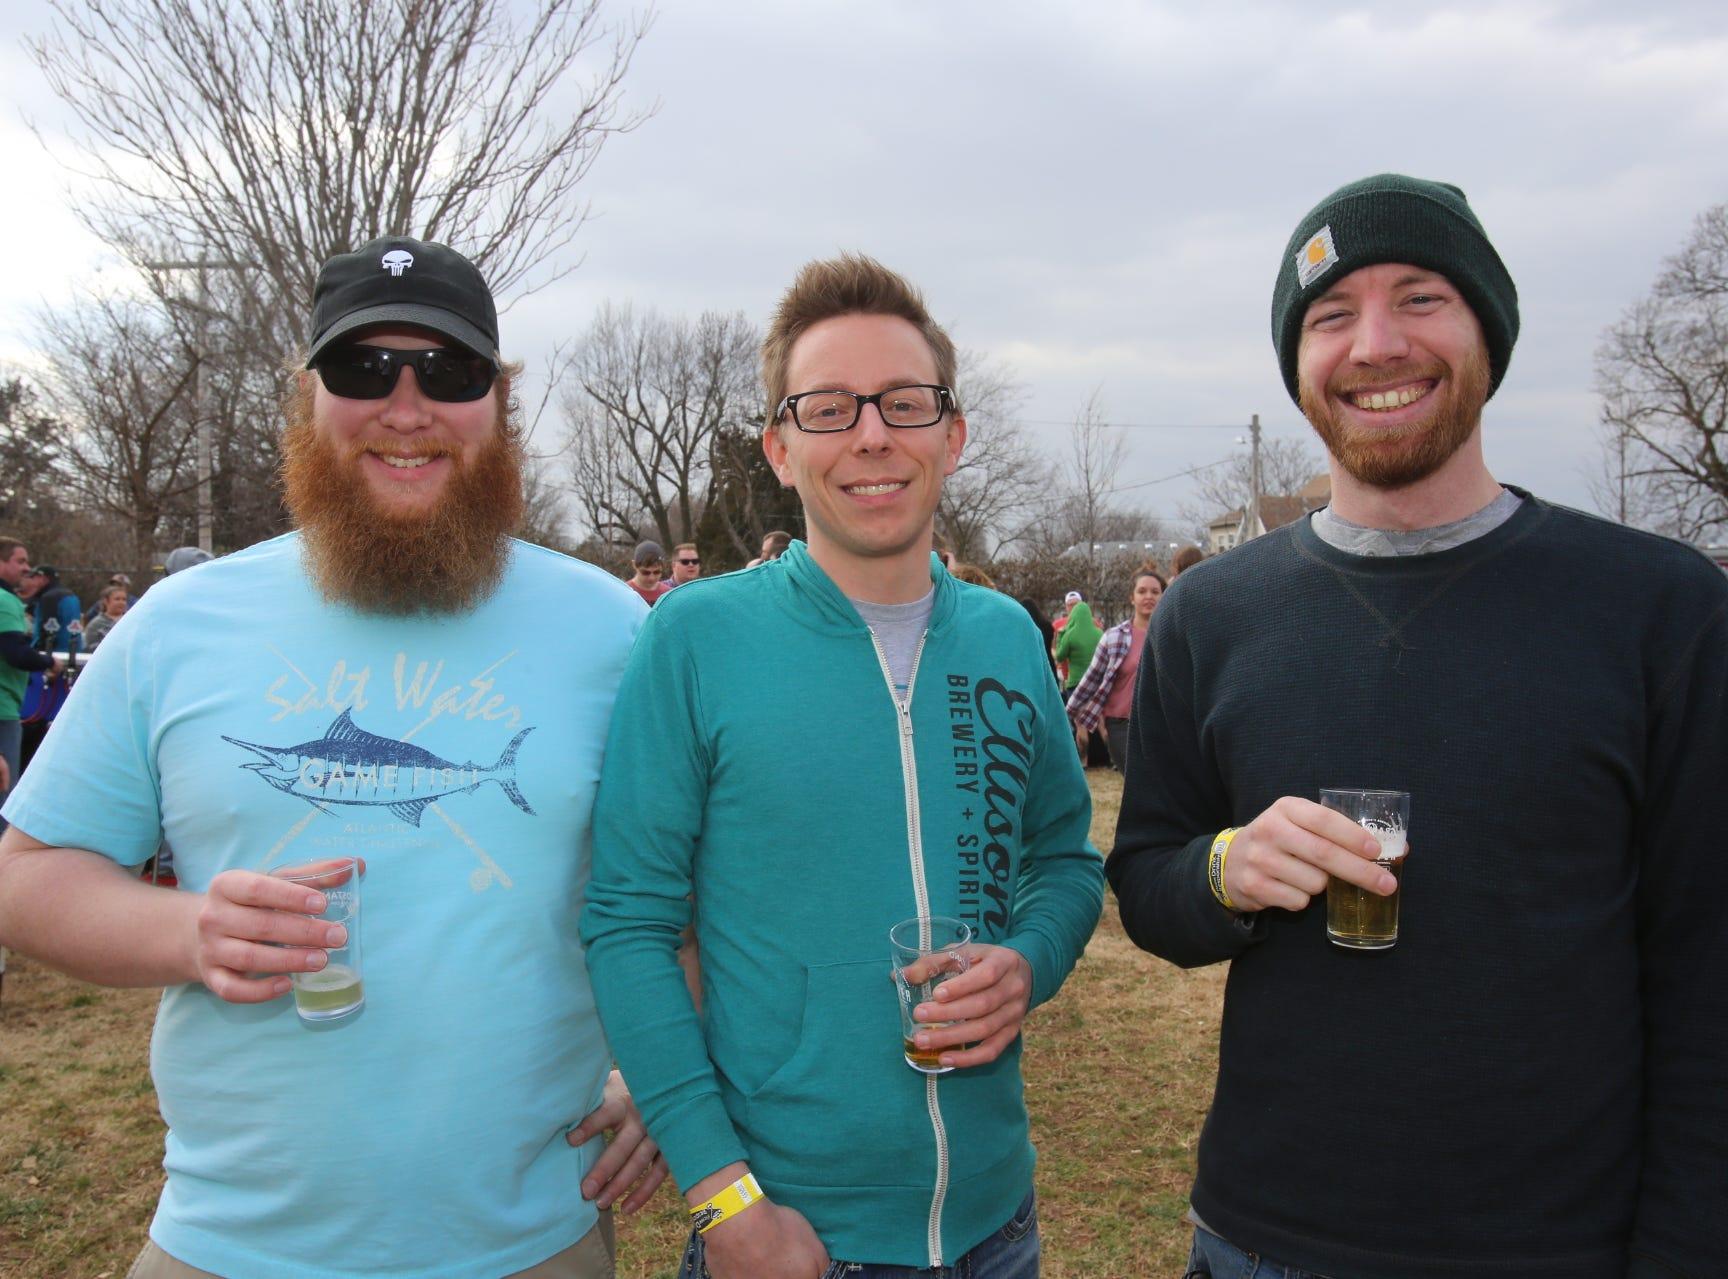 Ron Recklein, Josh Hellman and Ben Alexander